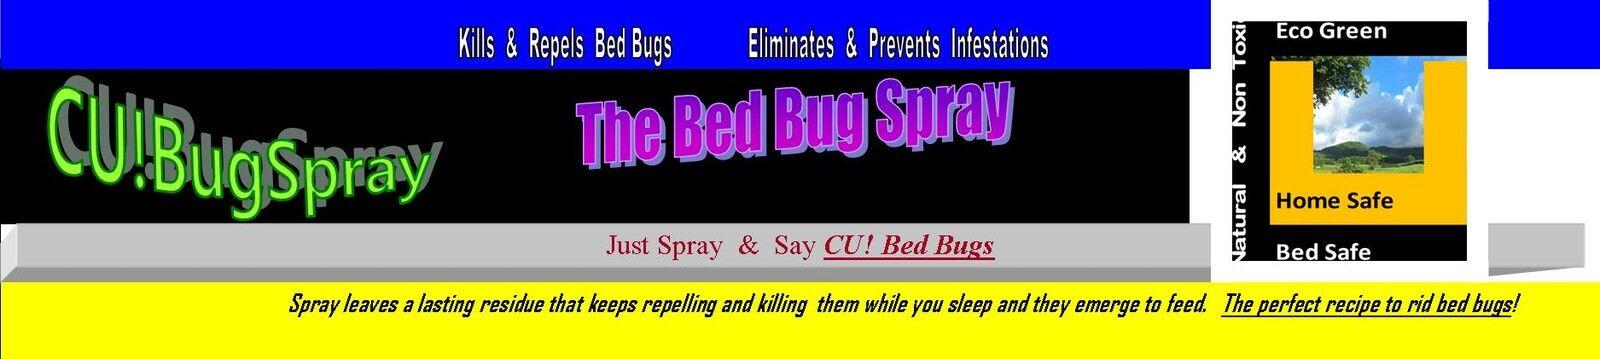 cu-bugspray